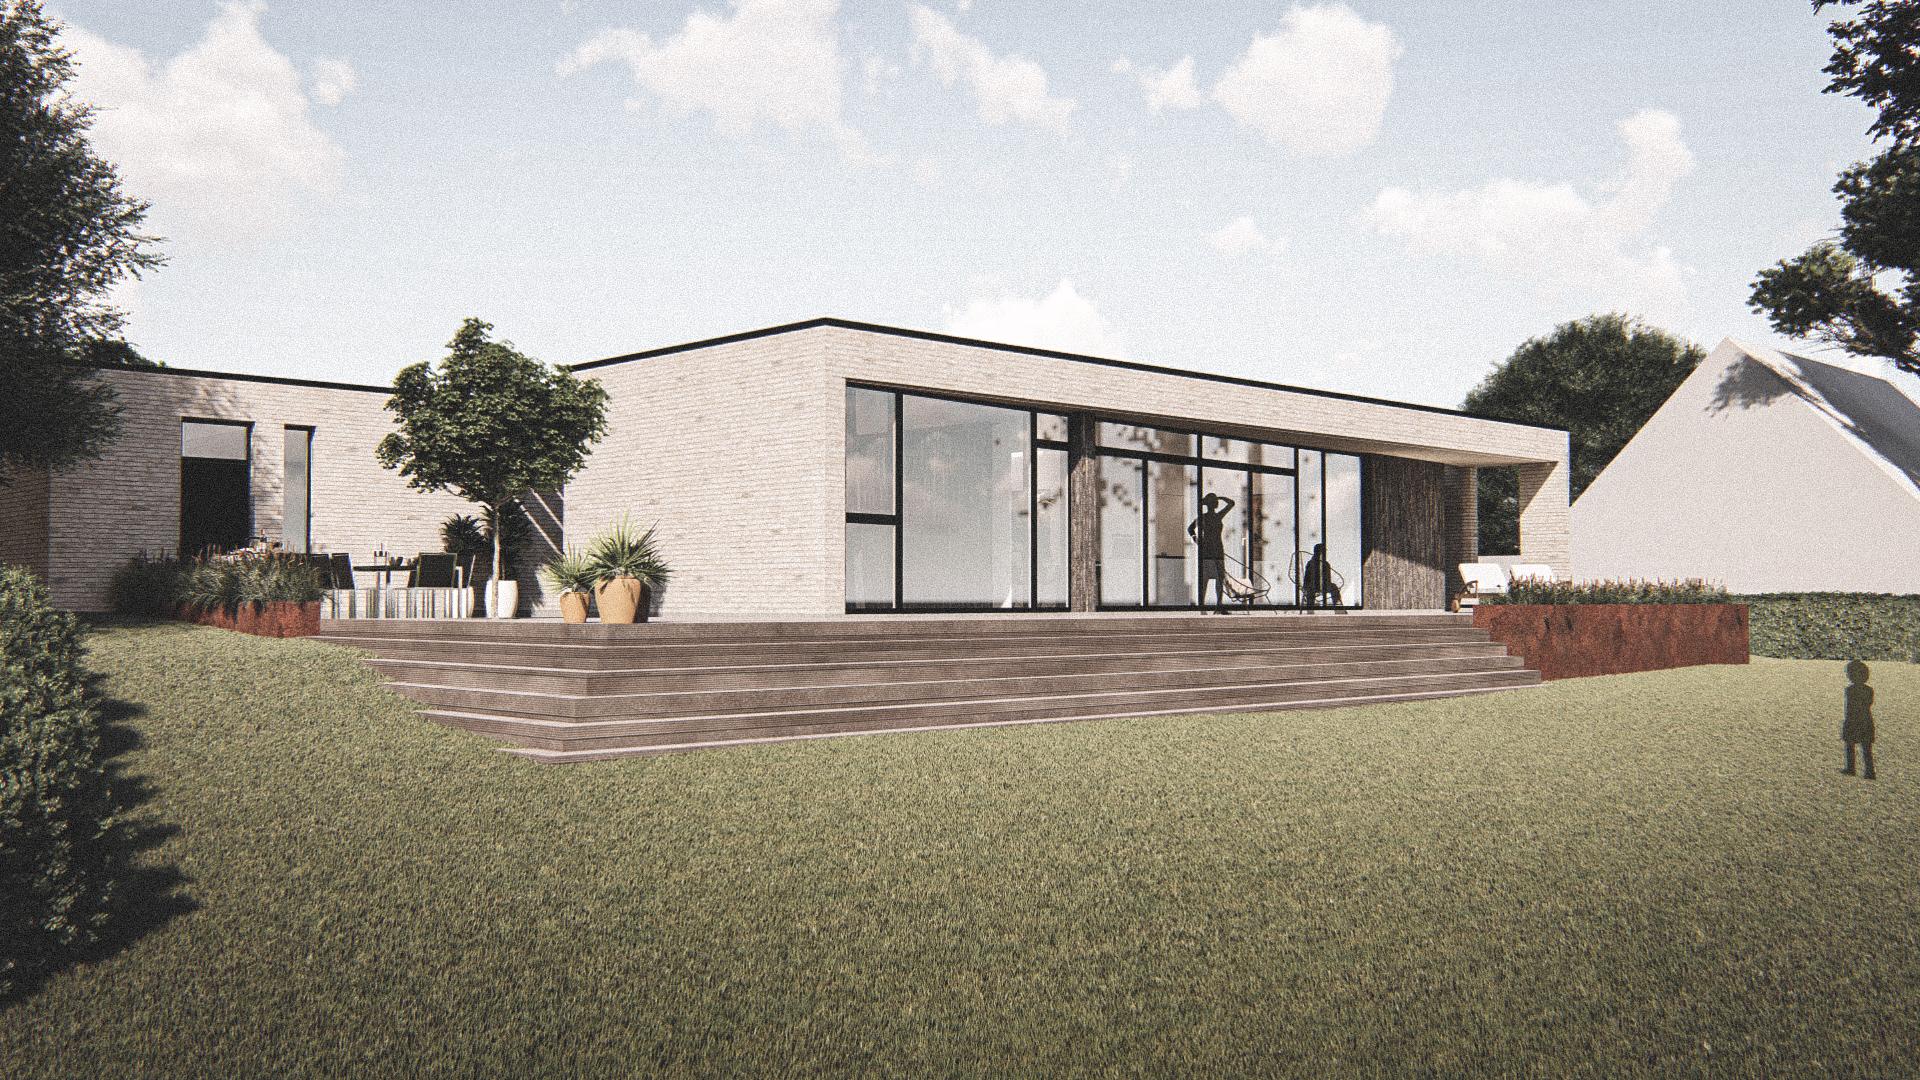 Billede af Dansk arkitekttegnet 1 plan villa af arkitektfirmaet m2plus, i Svendborg på 177 kvartratmeter.